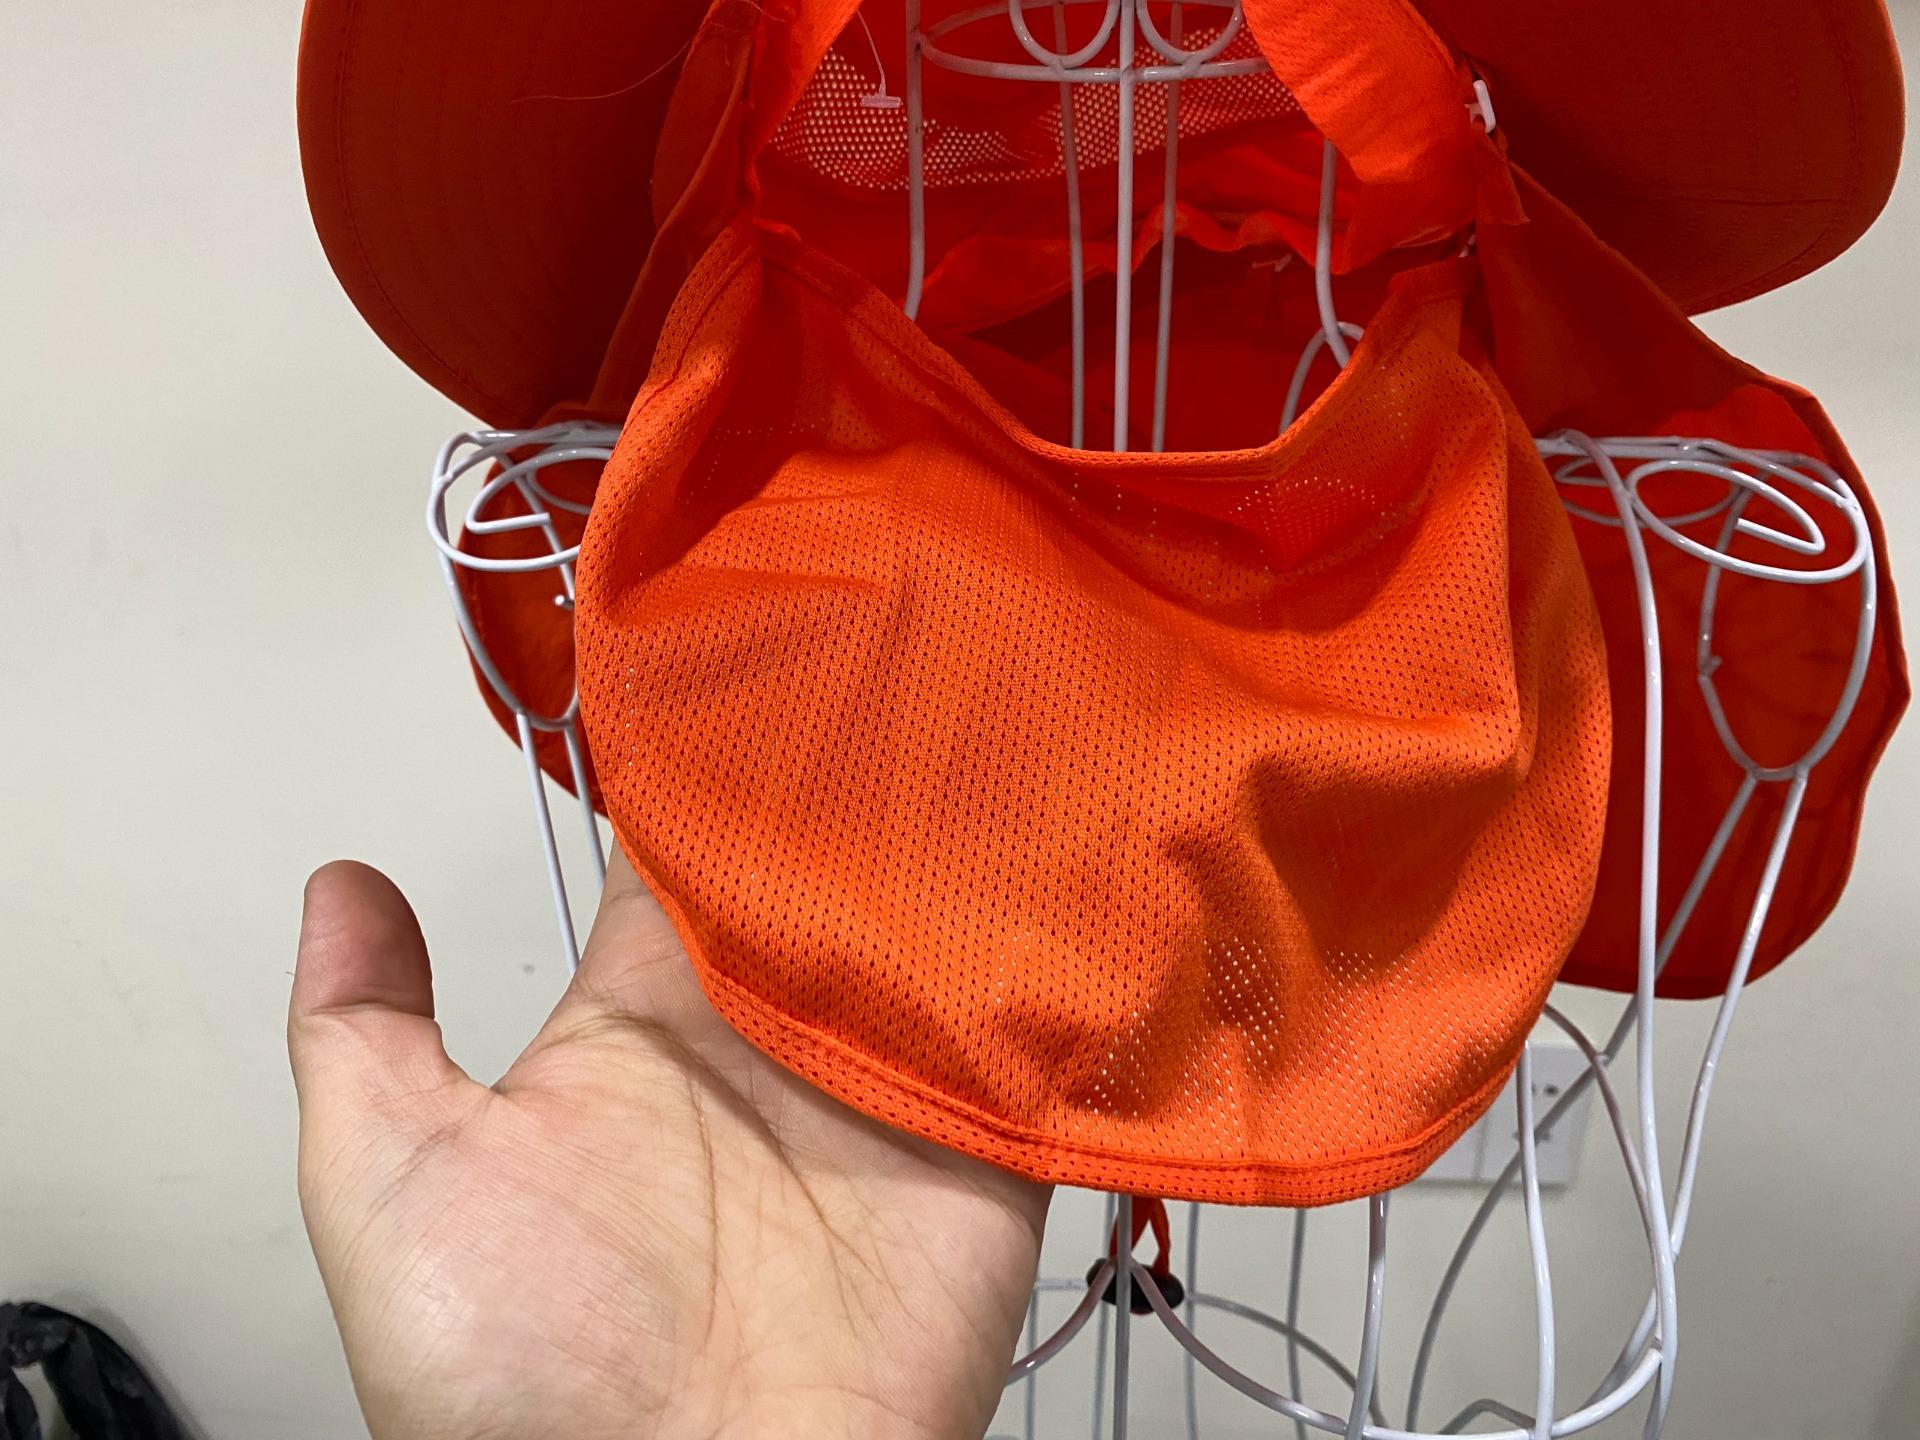 Mũ chống nắng kèm khẩu trang chất vải cao cấp, giá rẻ